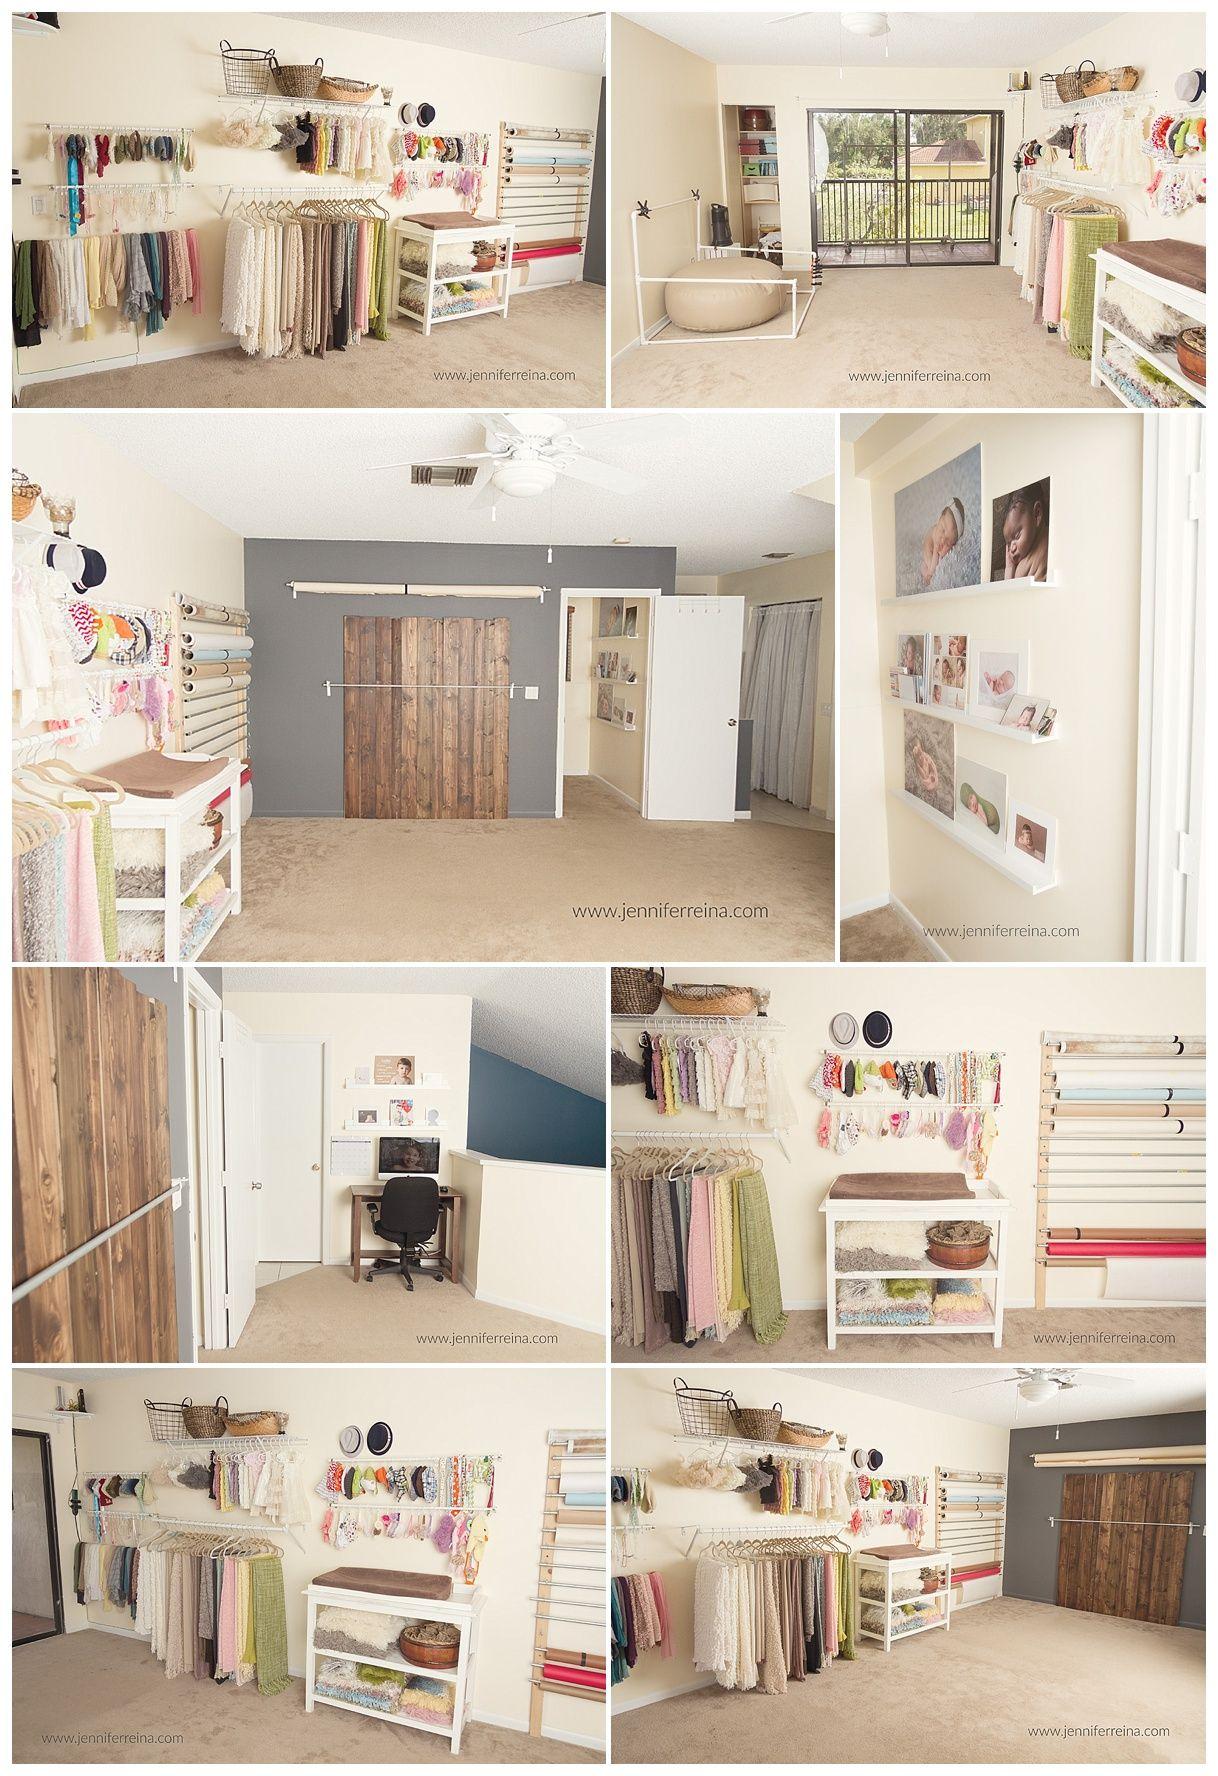 Small Newborn Studio Jenniferreina